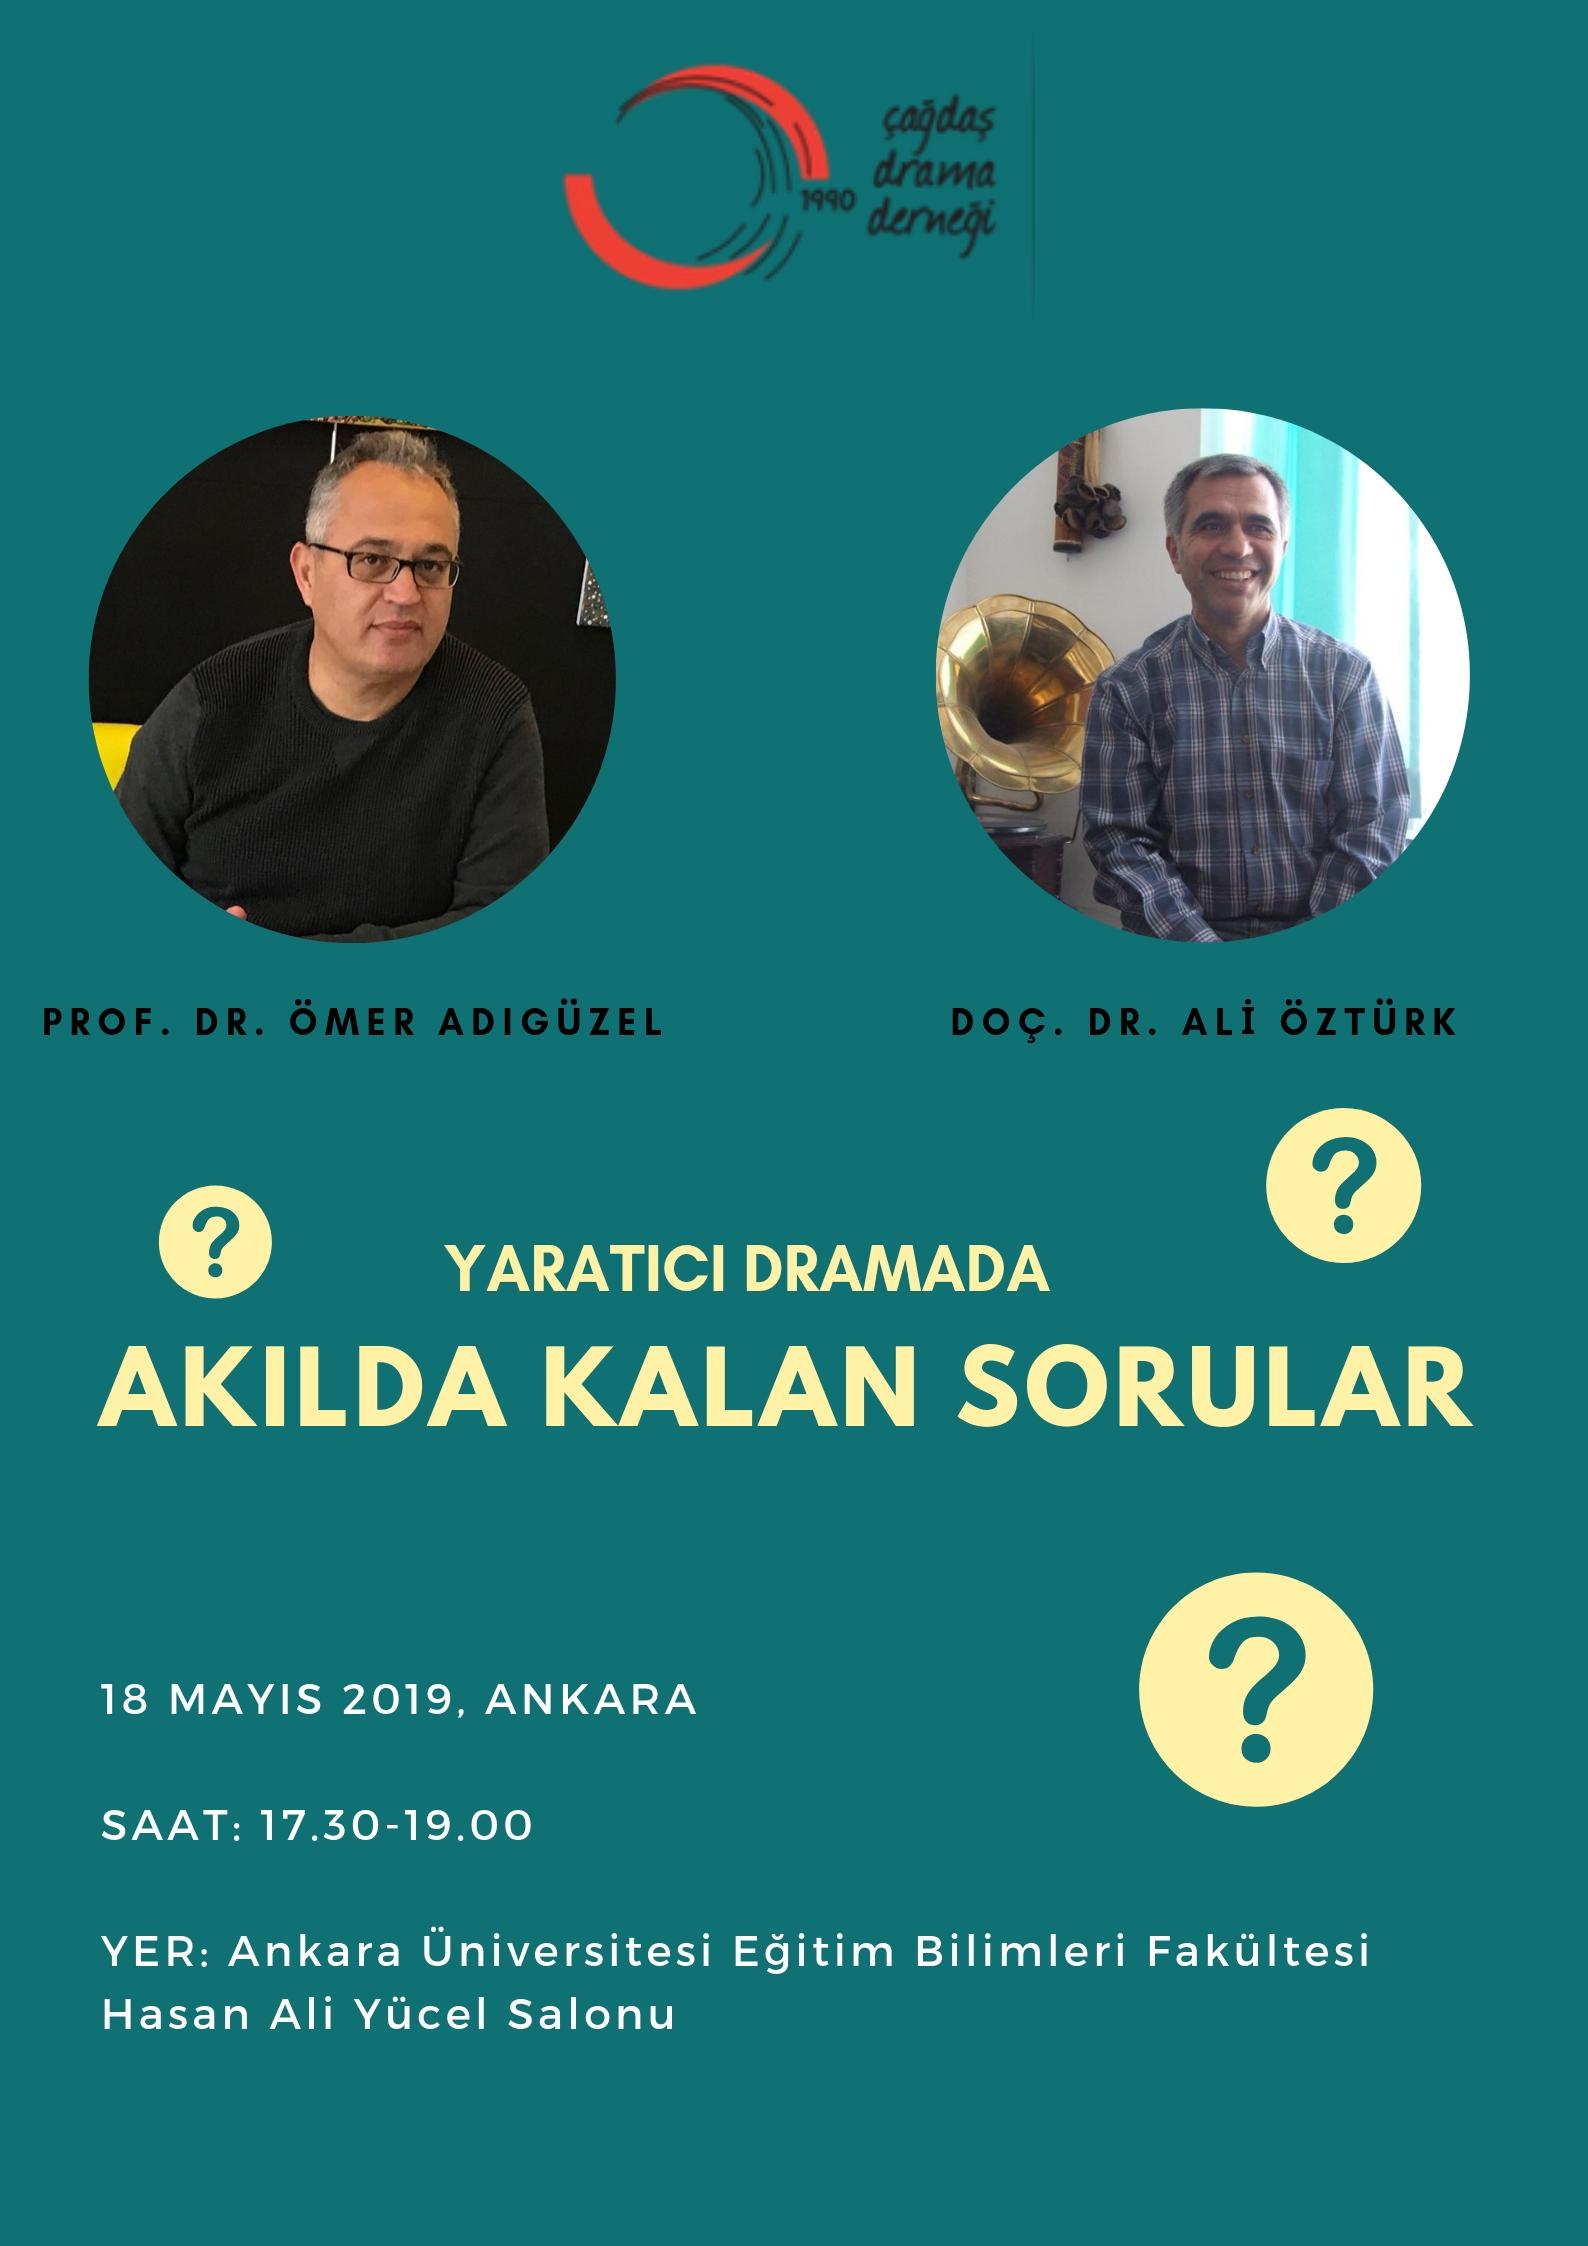 Yaratıcı drama alanına ilişkin sorularınız mı var? Prof. Dr. Ömer Adıgüzel ve Doç. Dr. Ali Öztürk cevaplıyor!